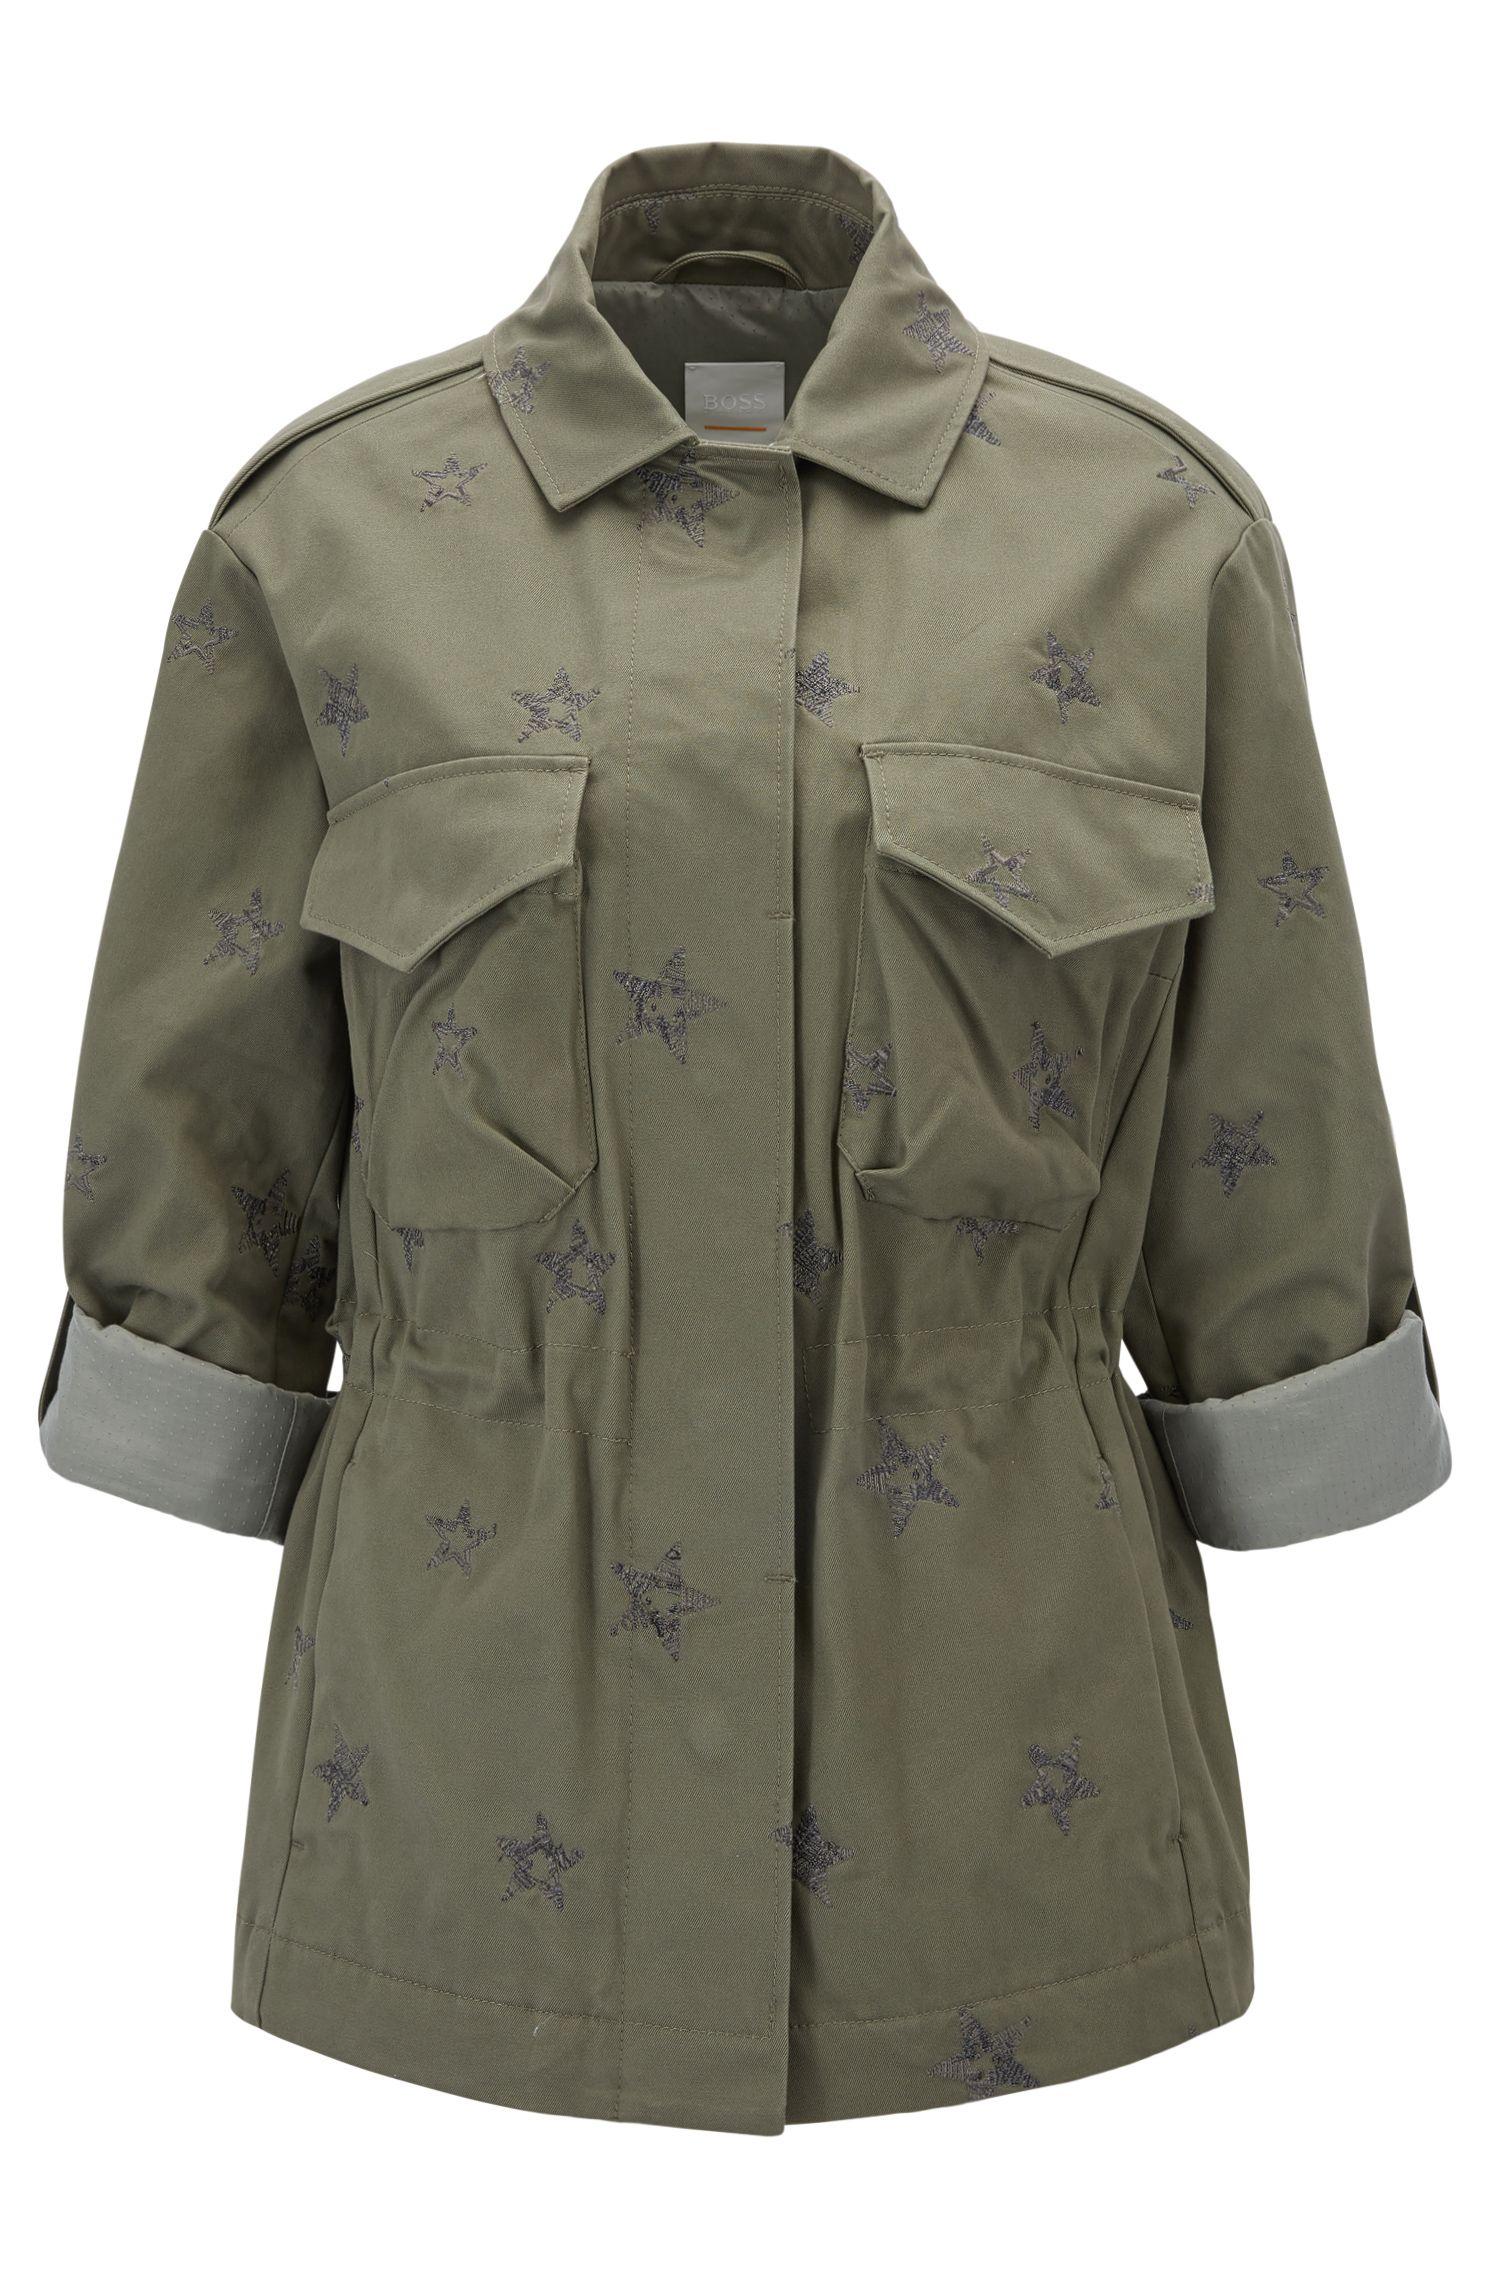 Camisa cazadora de algodón regular fit con estrellas bordadas